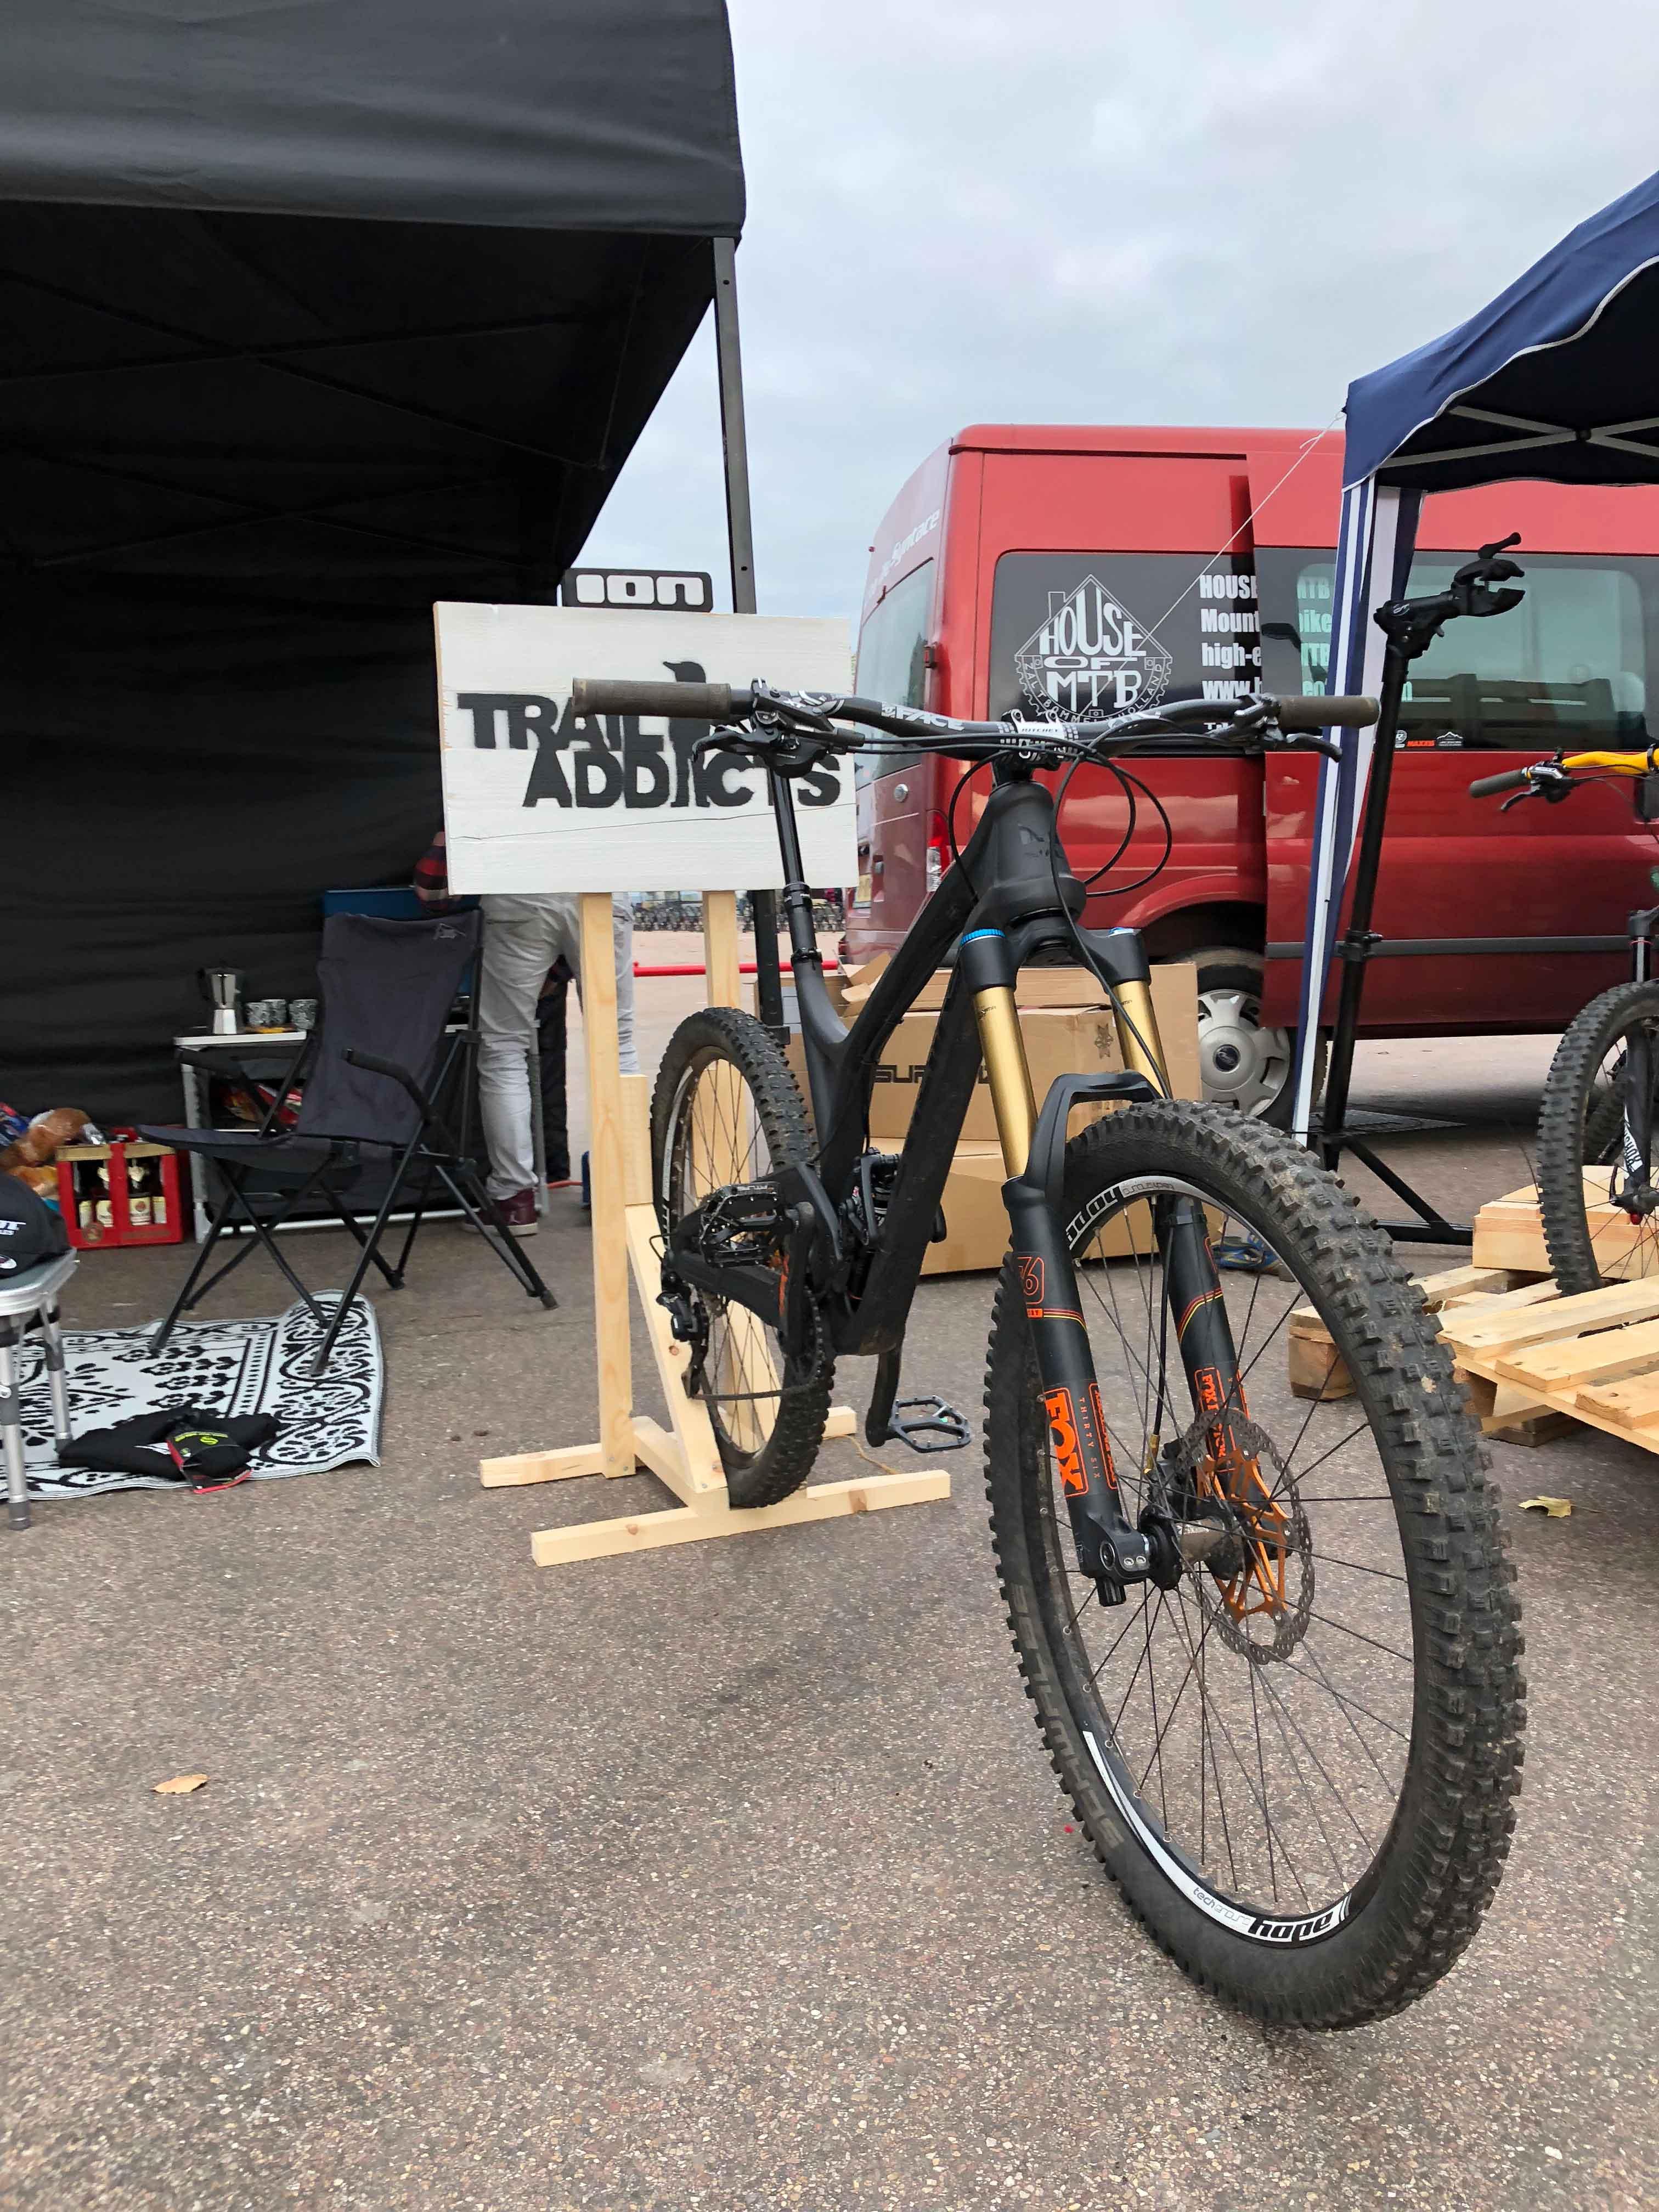 De Evil Insurgent in de speciaal gemaakte bikestandaarts voor de city downhill